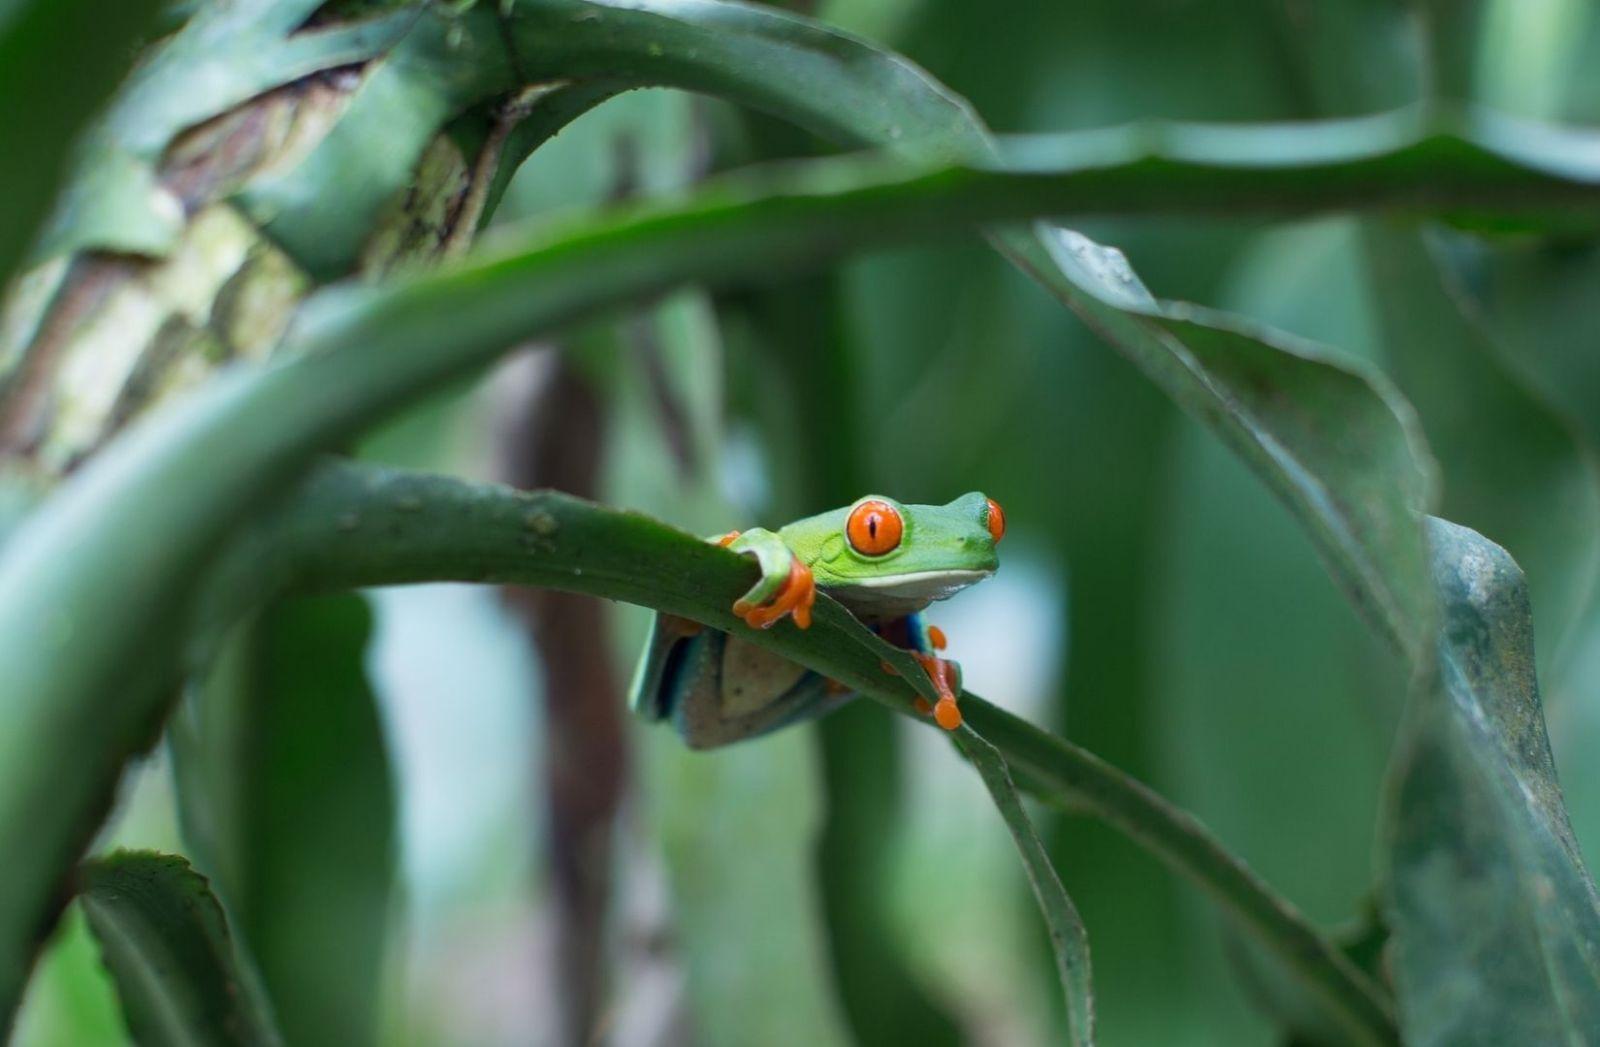 Grüner Baumfrosch in Lateinamerika. (Foto: Matt Houghton, Unsplash.com)